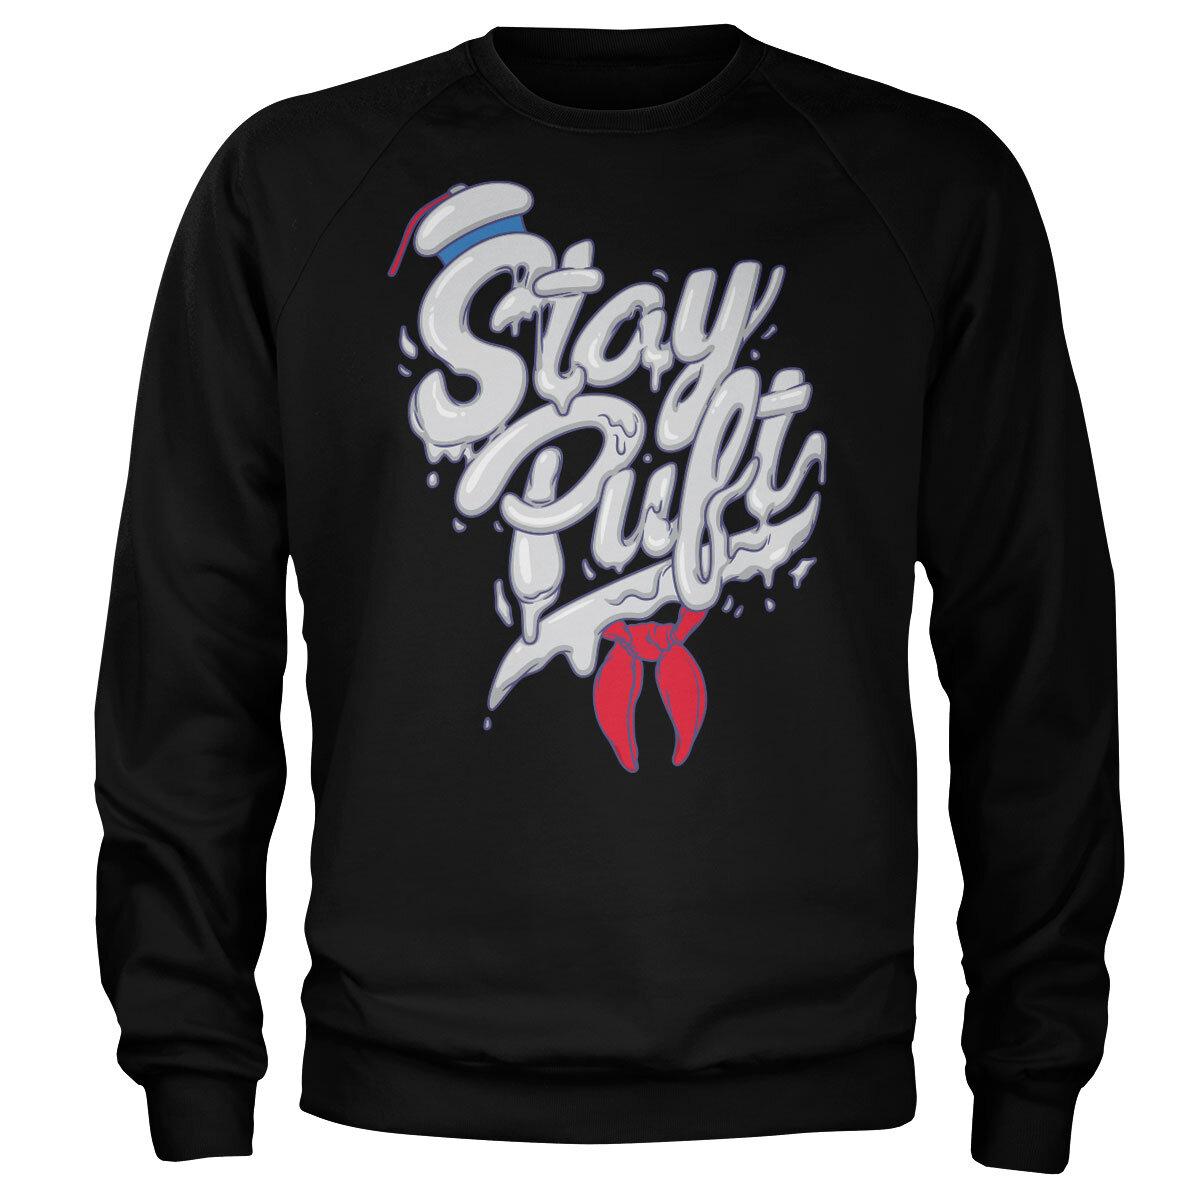 Ghostbusters - Stay Puft Sweatshirt